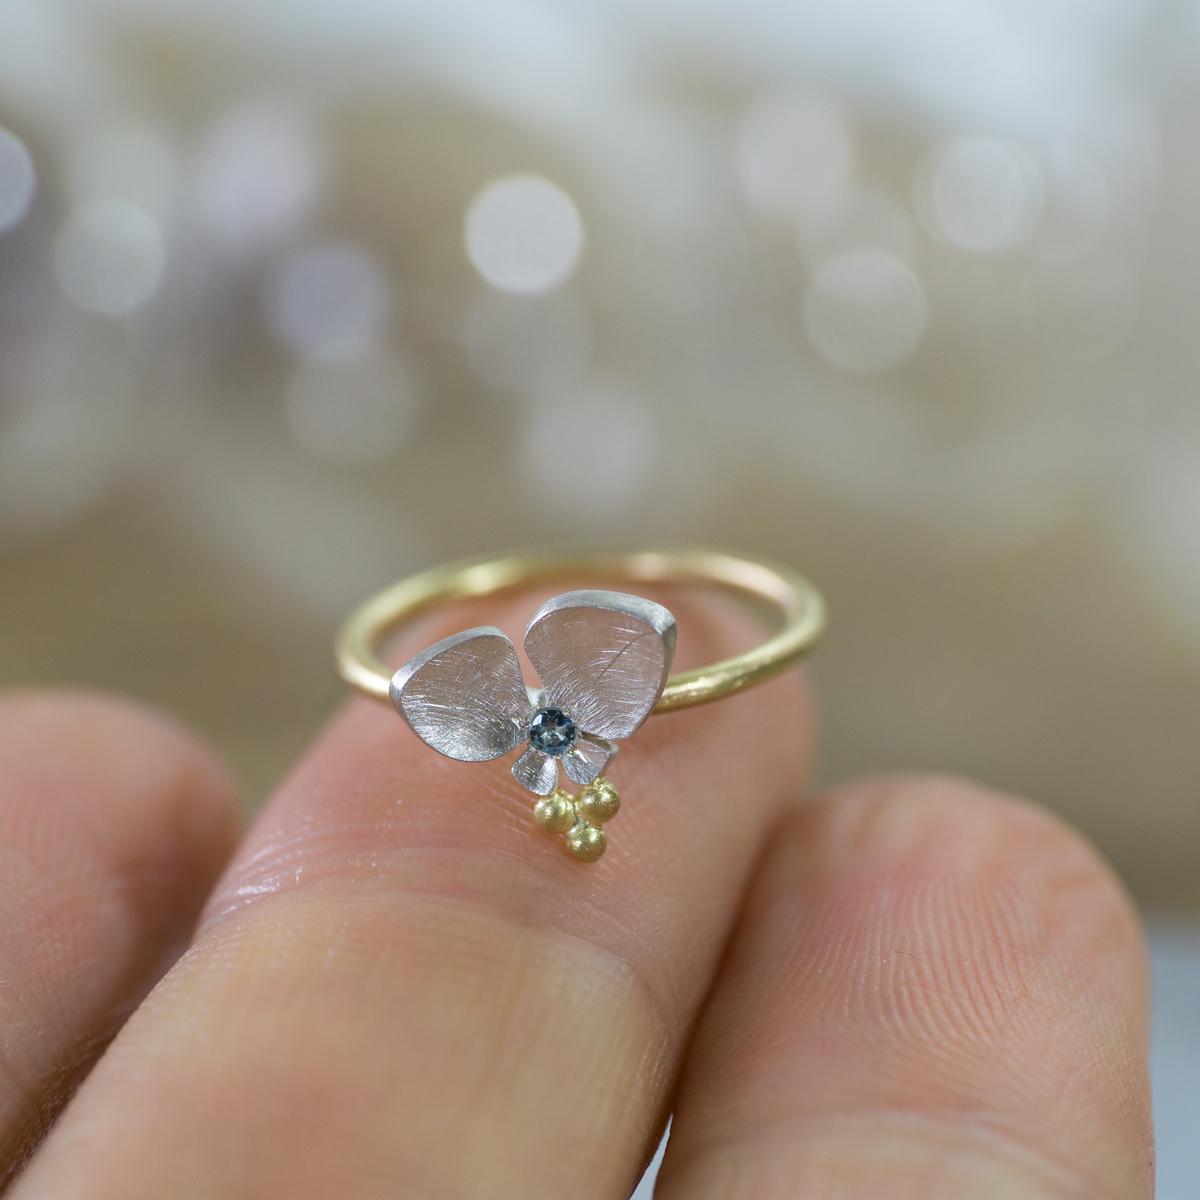 オーダーメイドの指輪 ジュエリーのアトリエ 手に持って 屋久島のツユクサモチーフ ゴールド、シルバー 屋久島でつくる結婚指輪